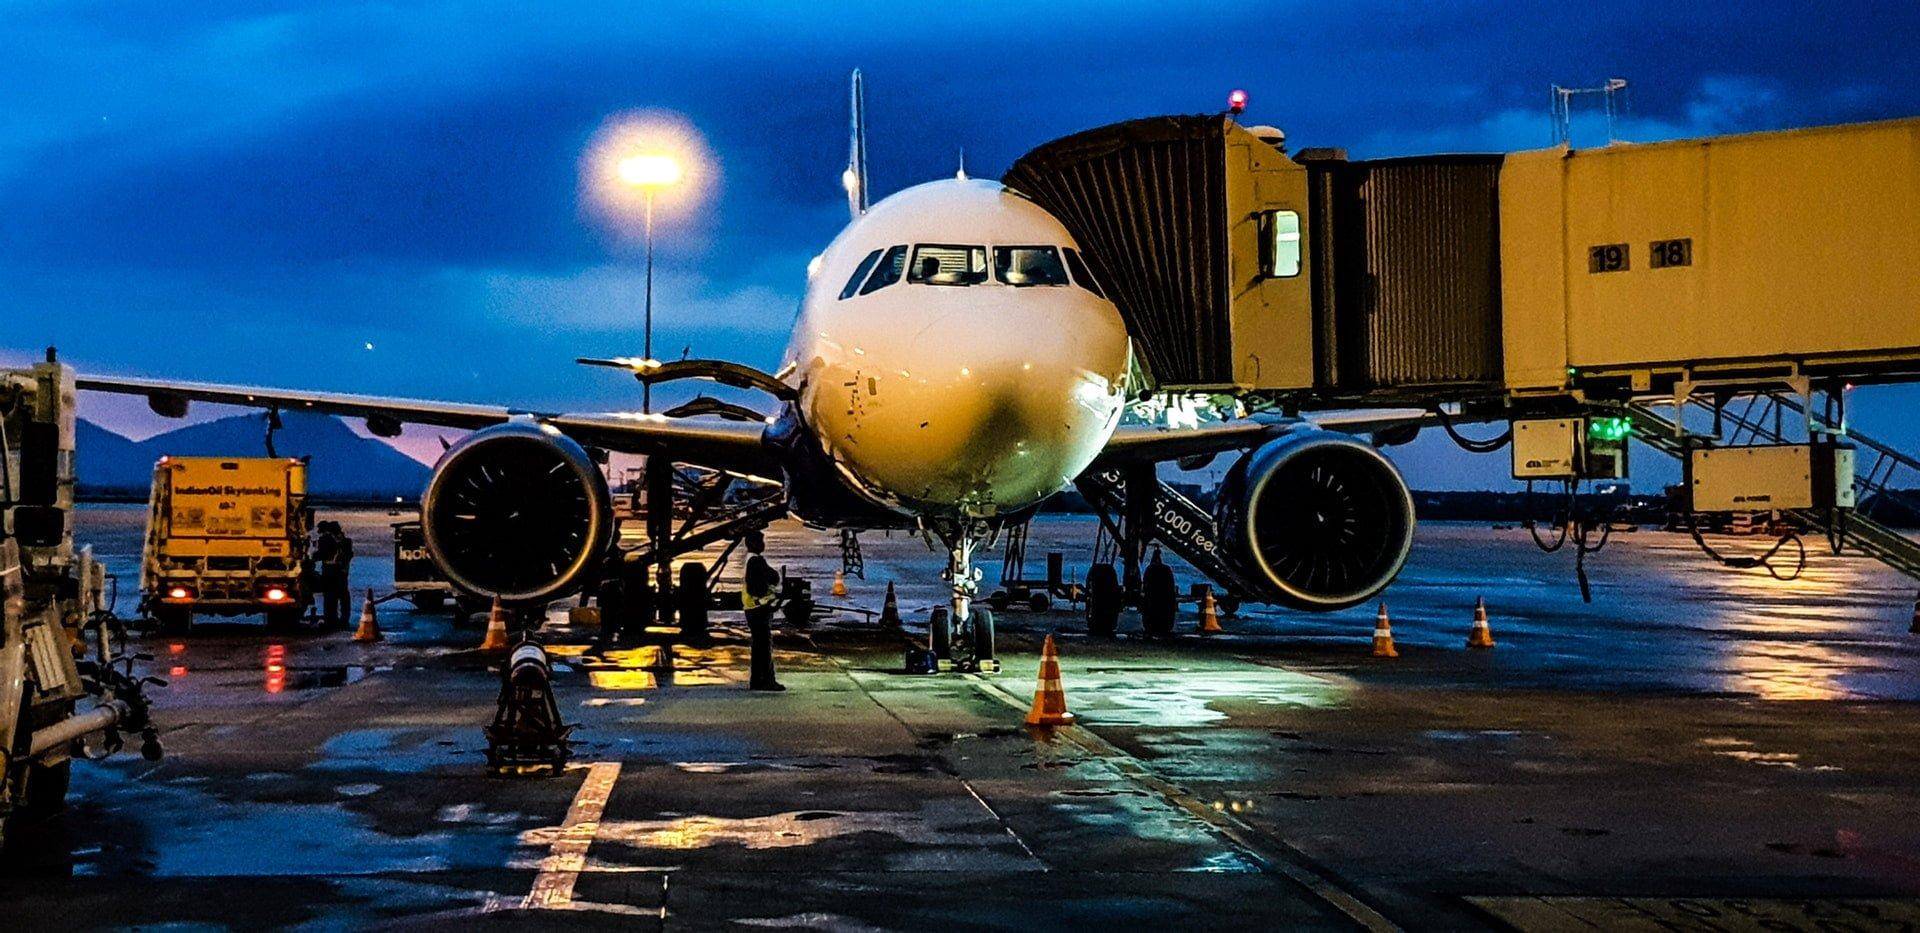 台灣飛日本航線 ✈️ 低成本航空公司(廉價航空)清單一覽